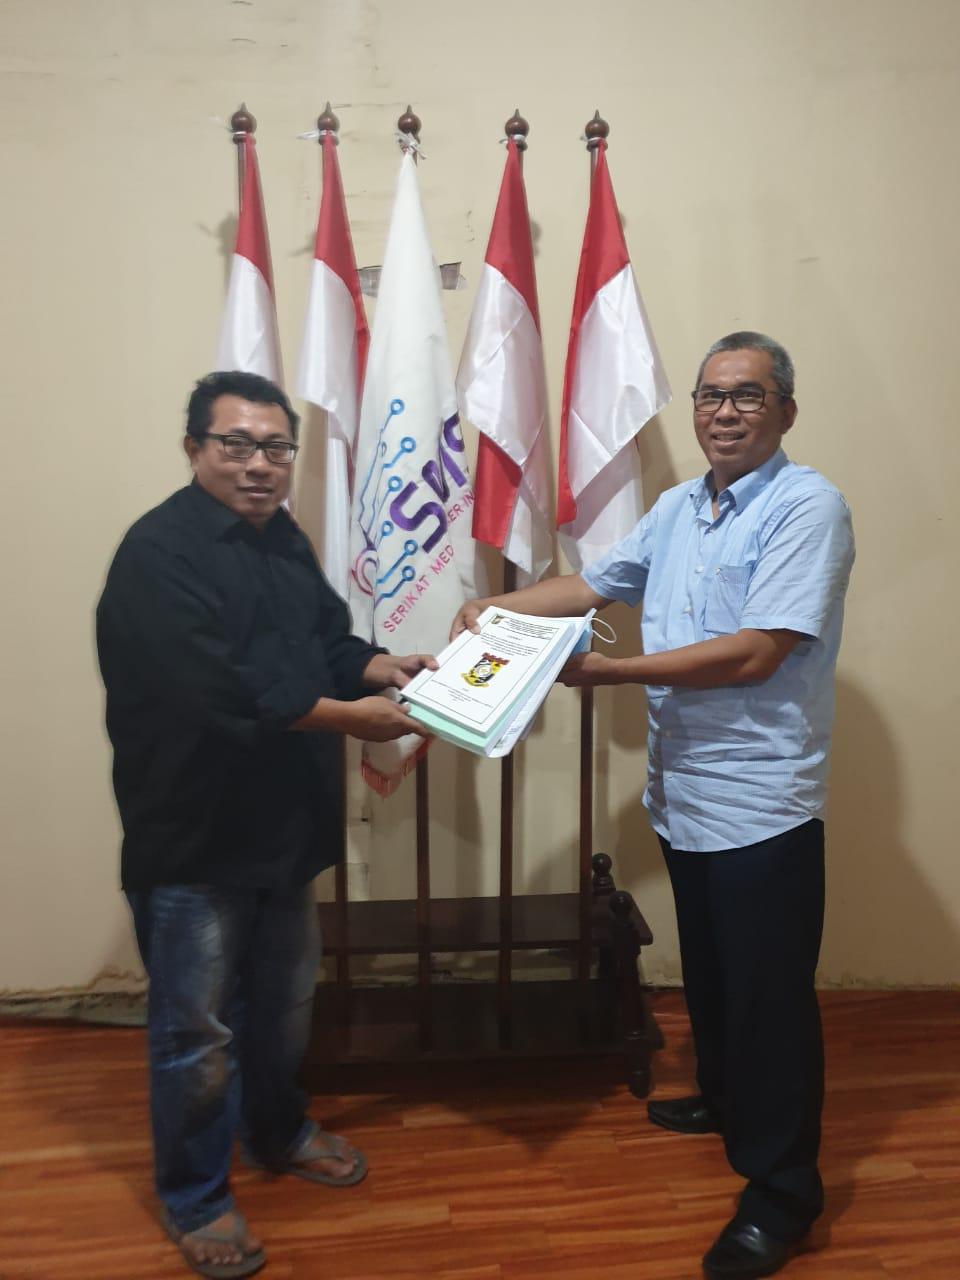 Kisruh Kerja Sama Sawit dengan PTPN V Riau, Ketua Kopsa Makmur usai dari KSP Minta Dukungan SMSI